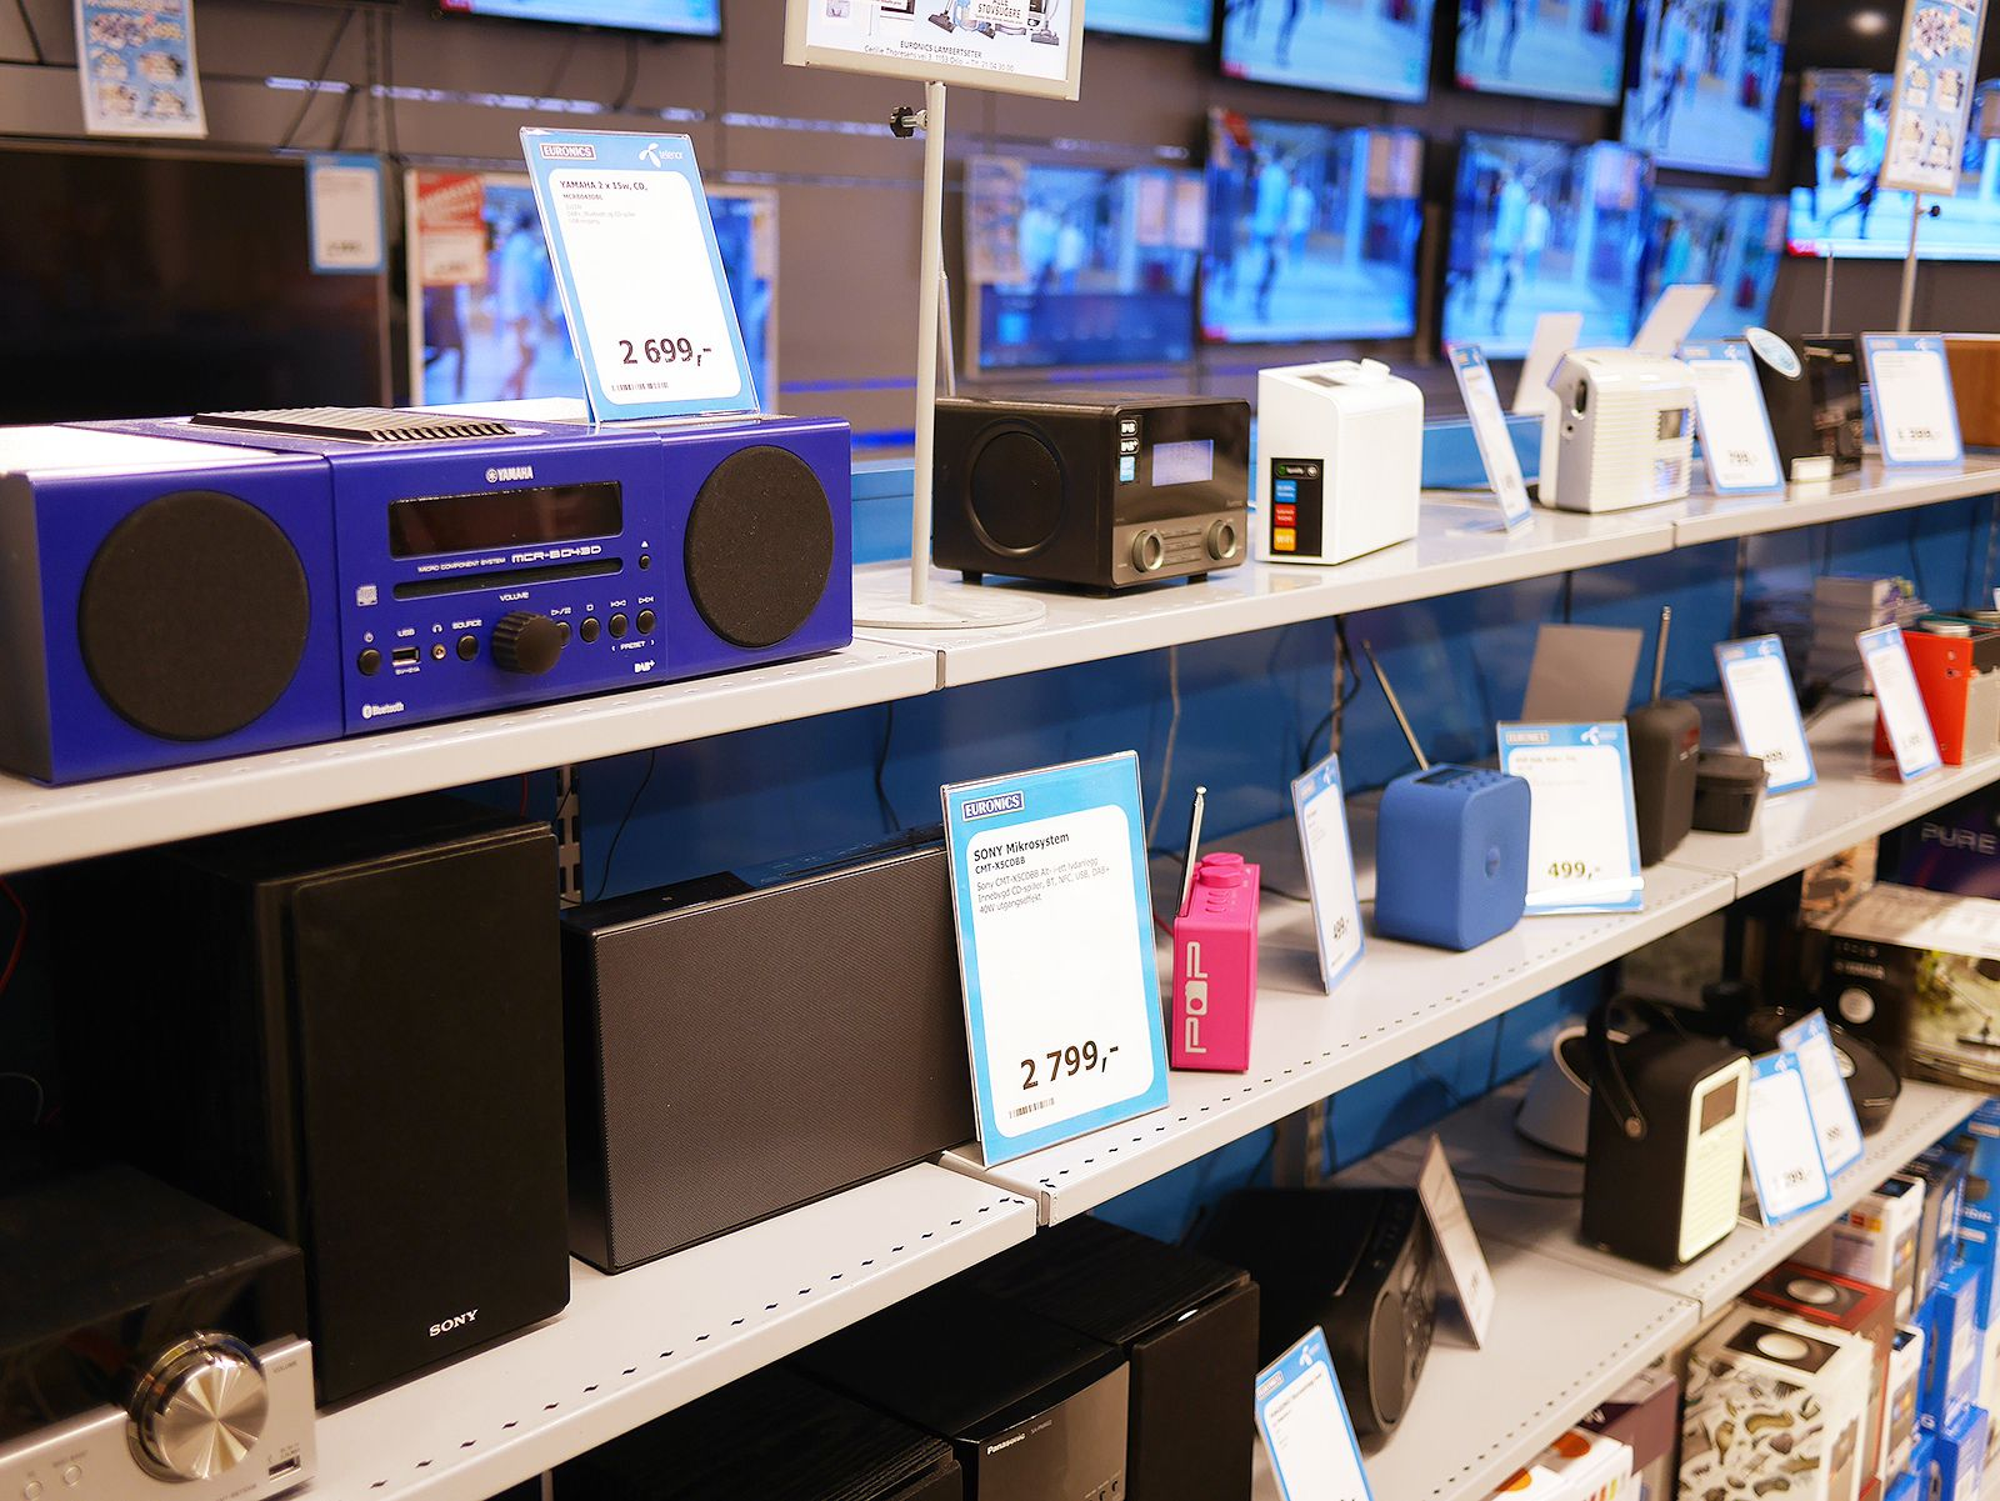 Dab-salget i første halvår 2017 har steget kraftig etter at FM slukkes for NRK og de kommersielle kanalene i flere områder. Foto: Stian Sønsteng